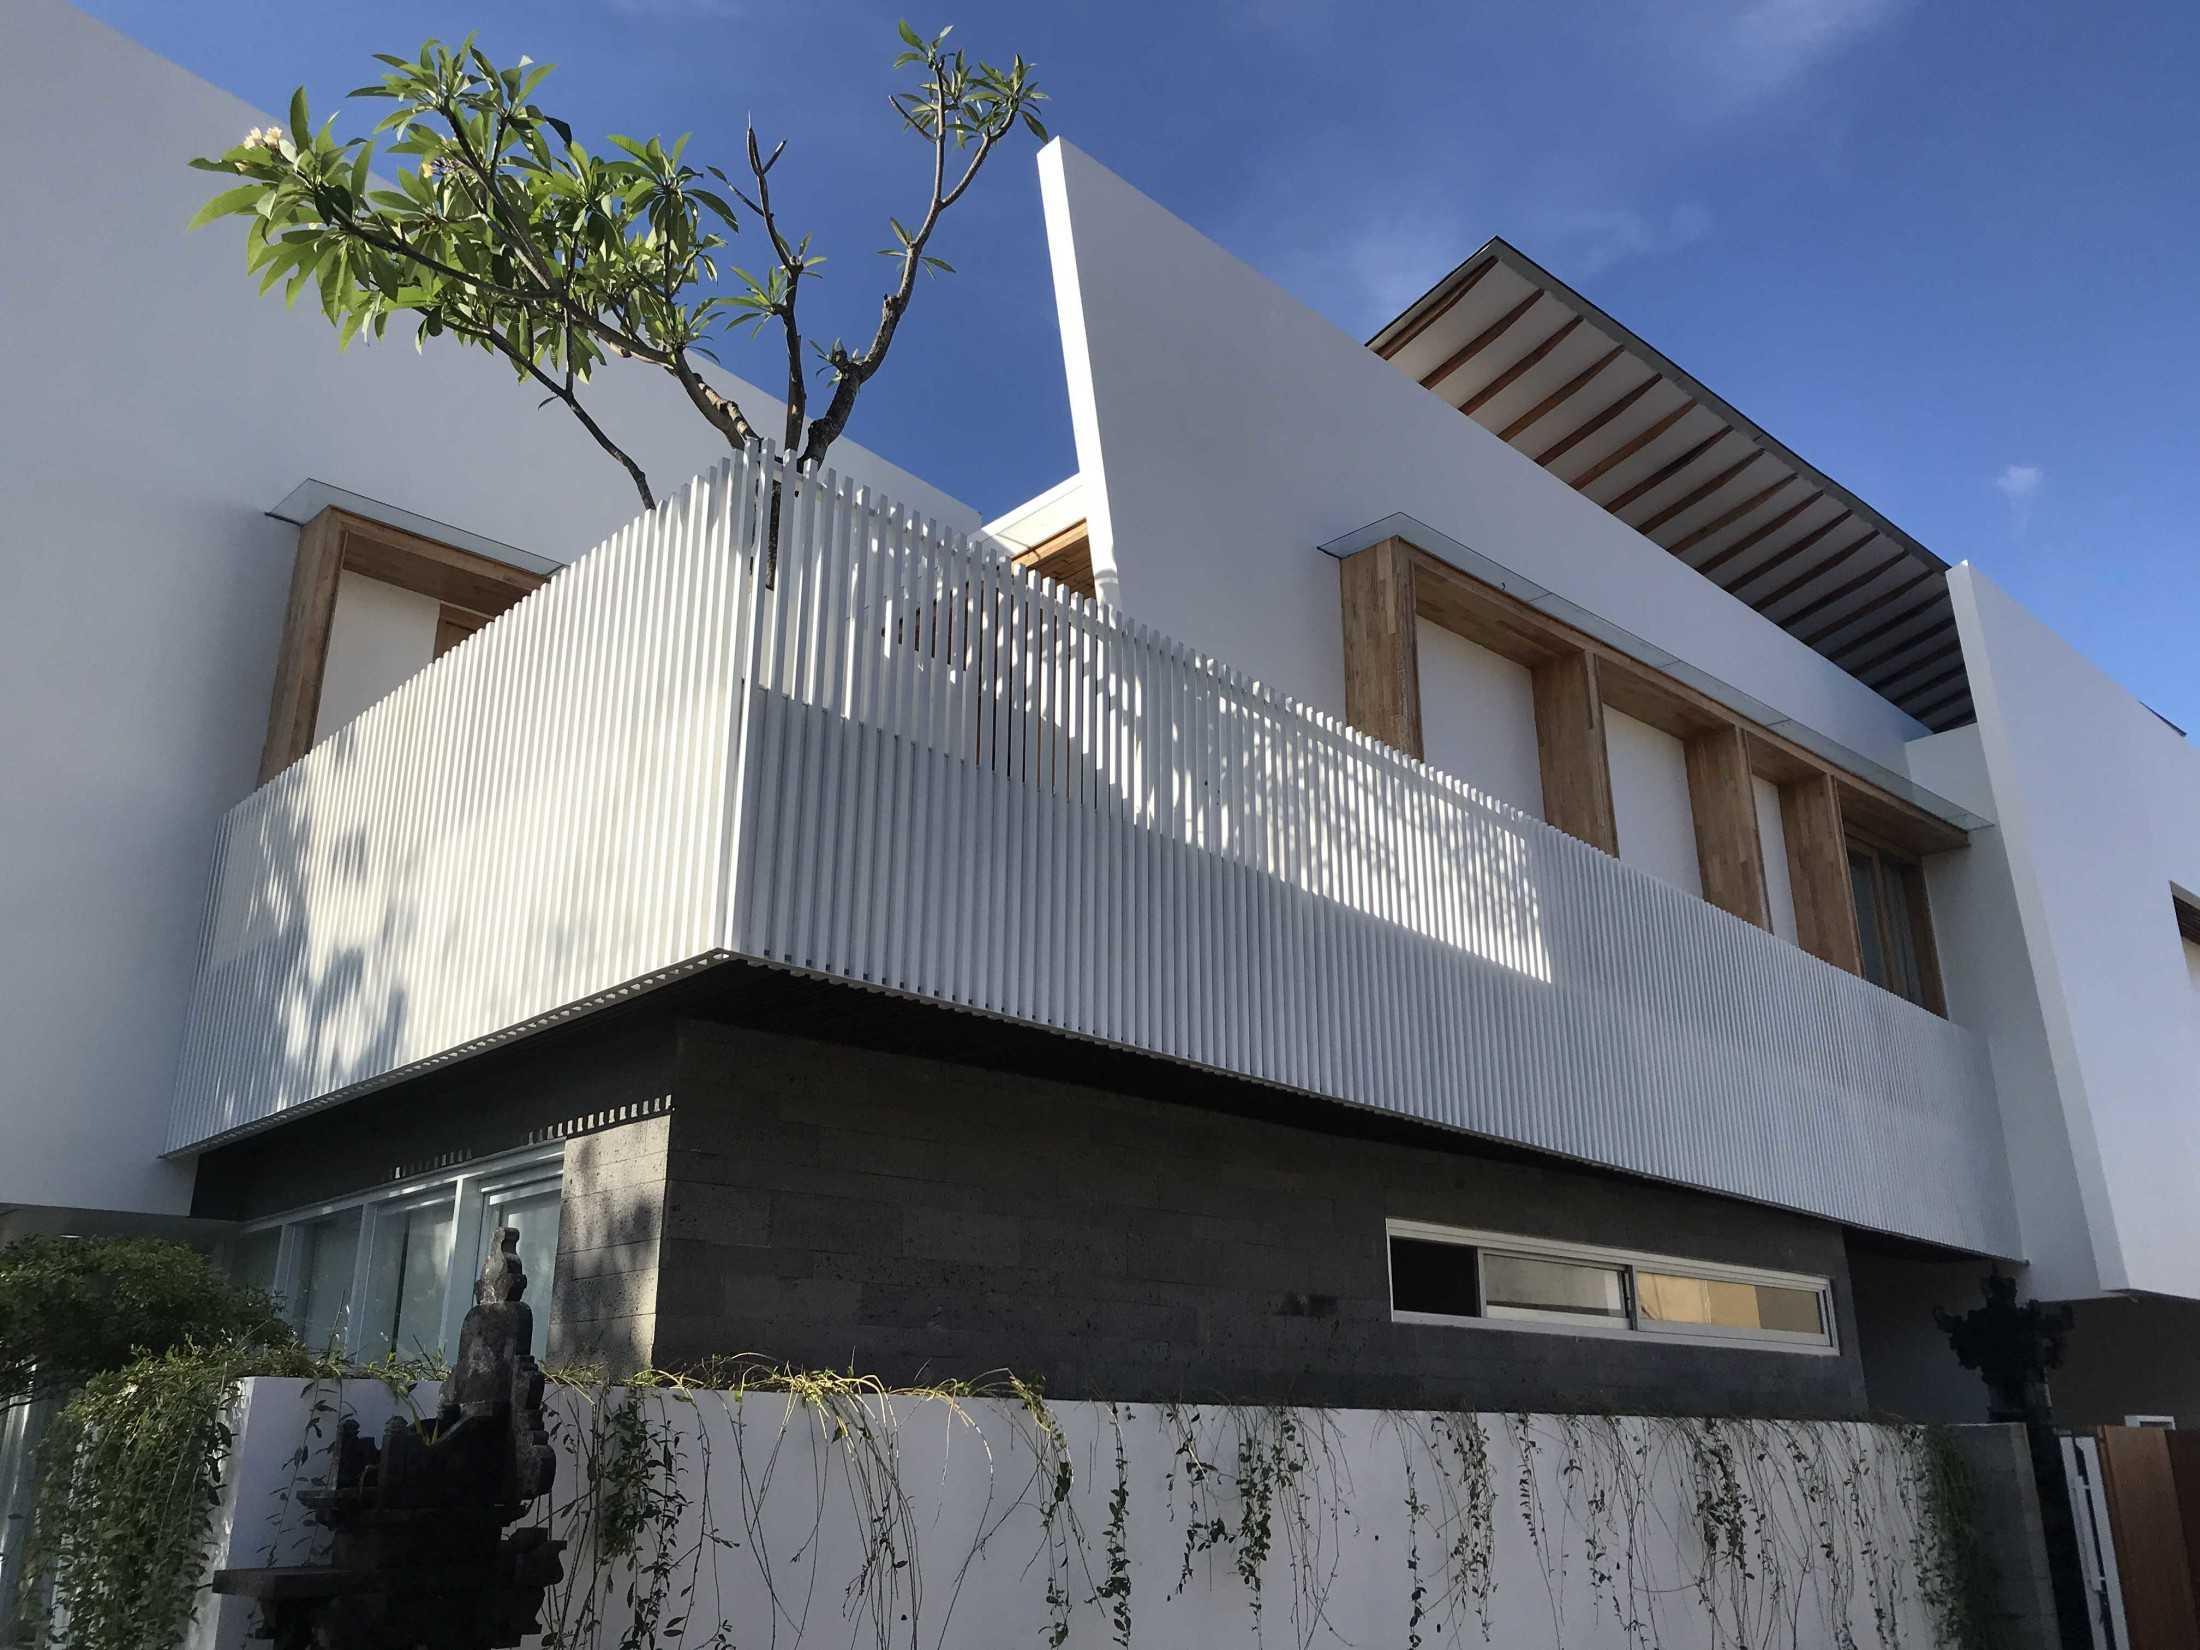 Jena Architect Casa Indah Pemogan, Kec. Denpasar Sel., Kota Denpasar, Bali, Indonesia Pemogan, Kec. Denpasar Sel., Kota Denpasar, Bali, Indonesia Jena-Architect-Casa-Indah  109160